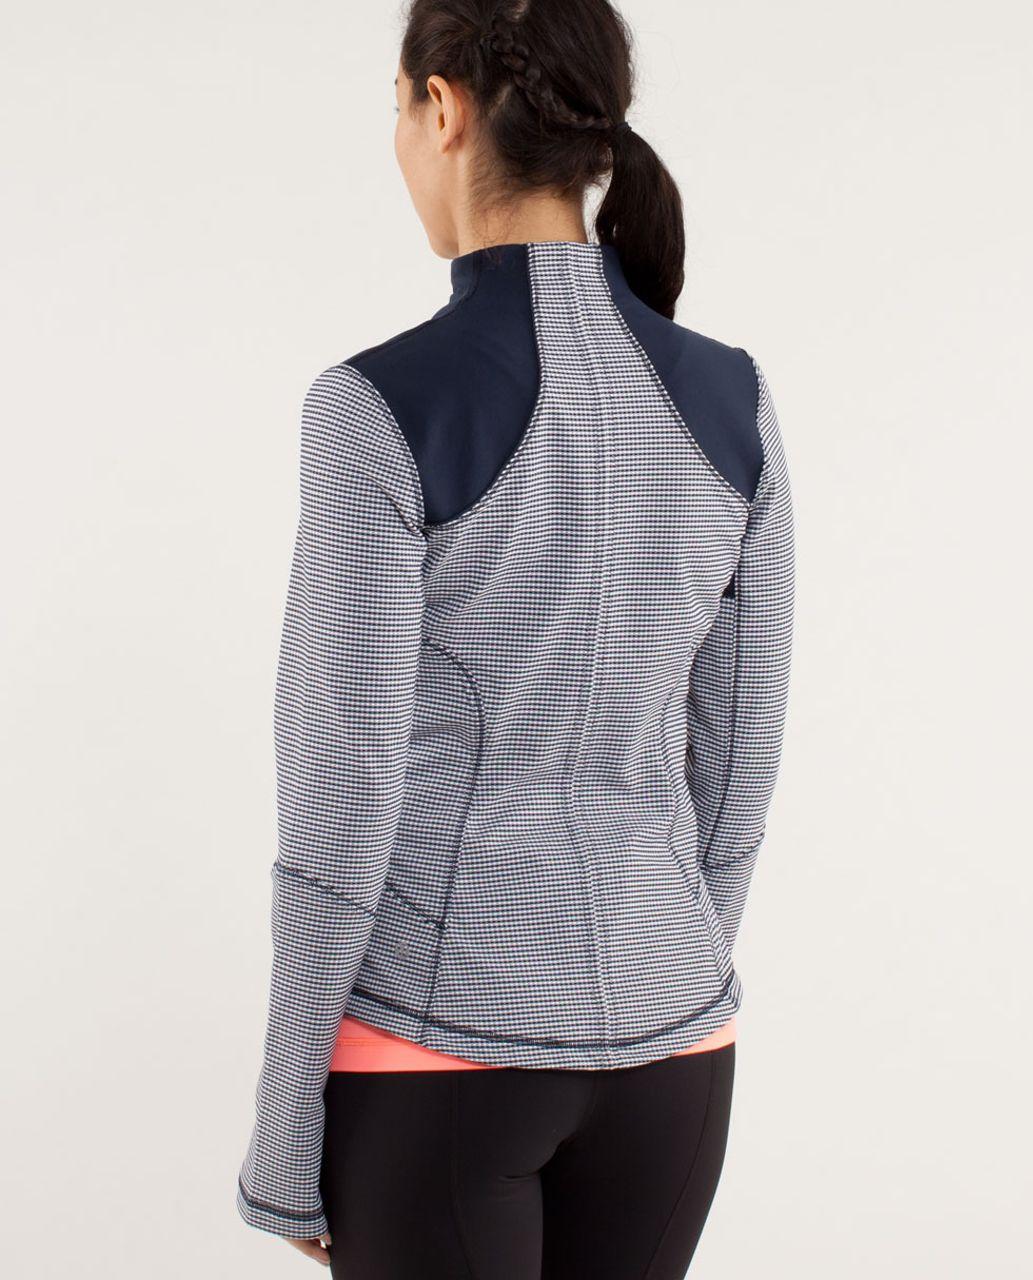 Lululemon Forme Jacket - Inkwell